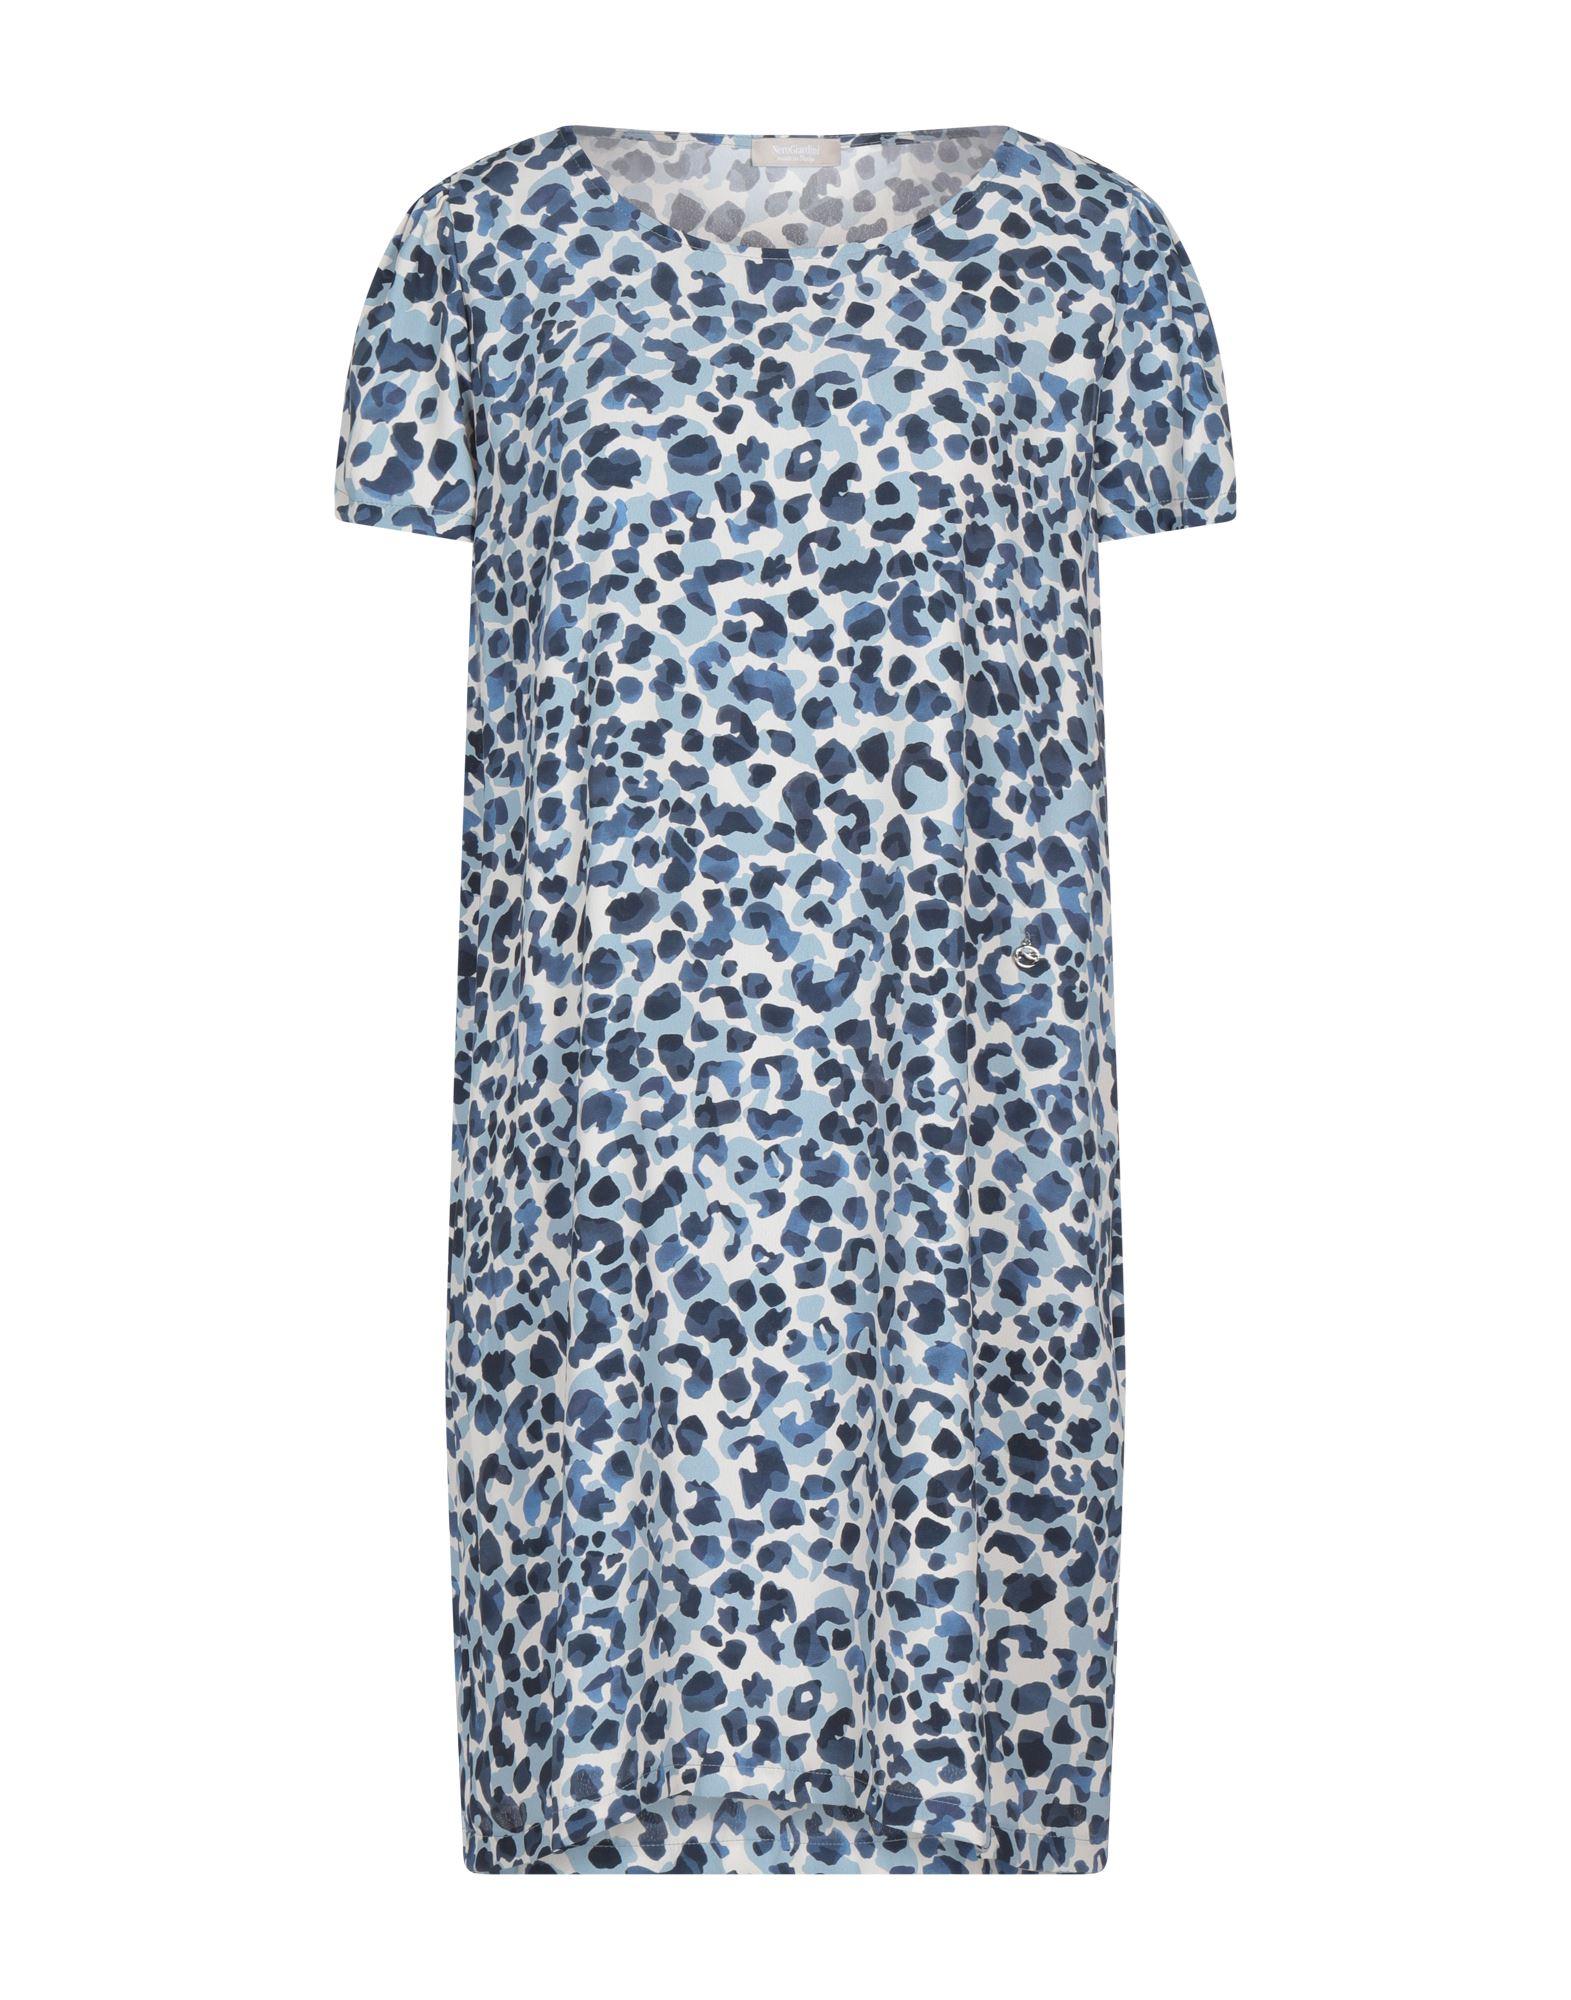 NERO GIARDINI Короткое платье nero giardini сумка на руку